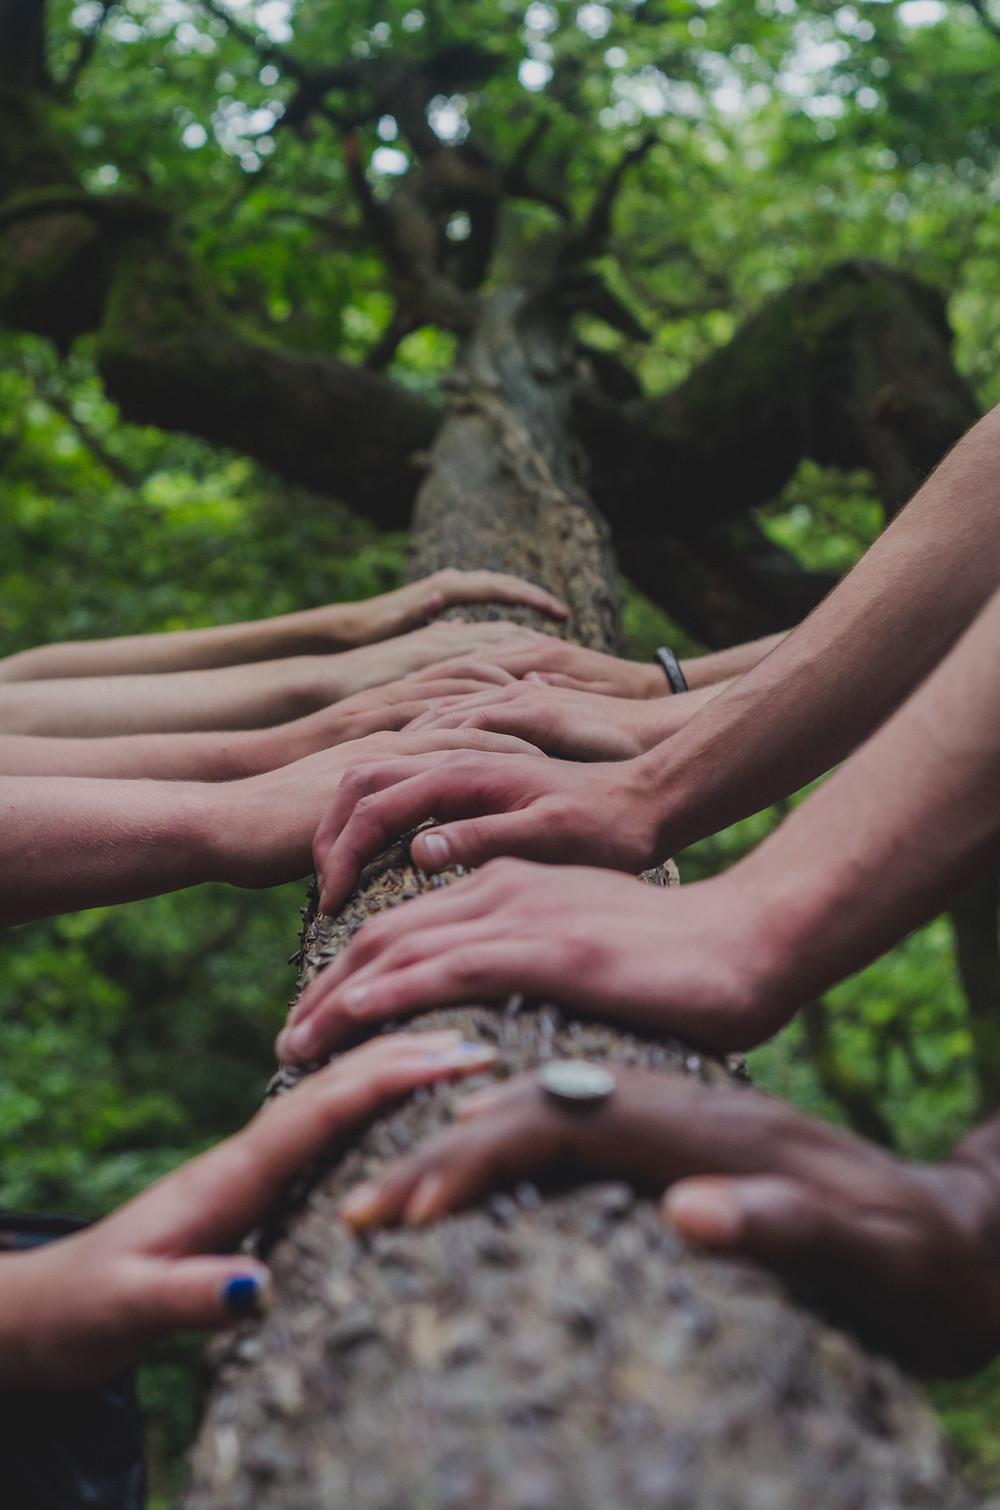 Des personnes solidaires et qui font partie d'un groupe touchent un tronc d'arbre.